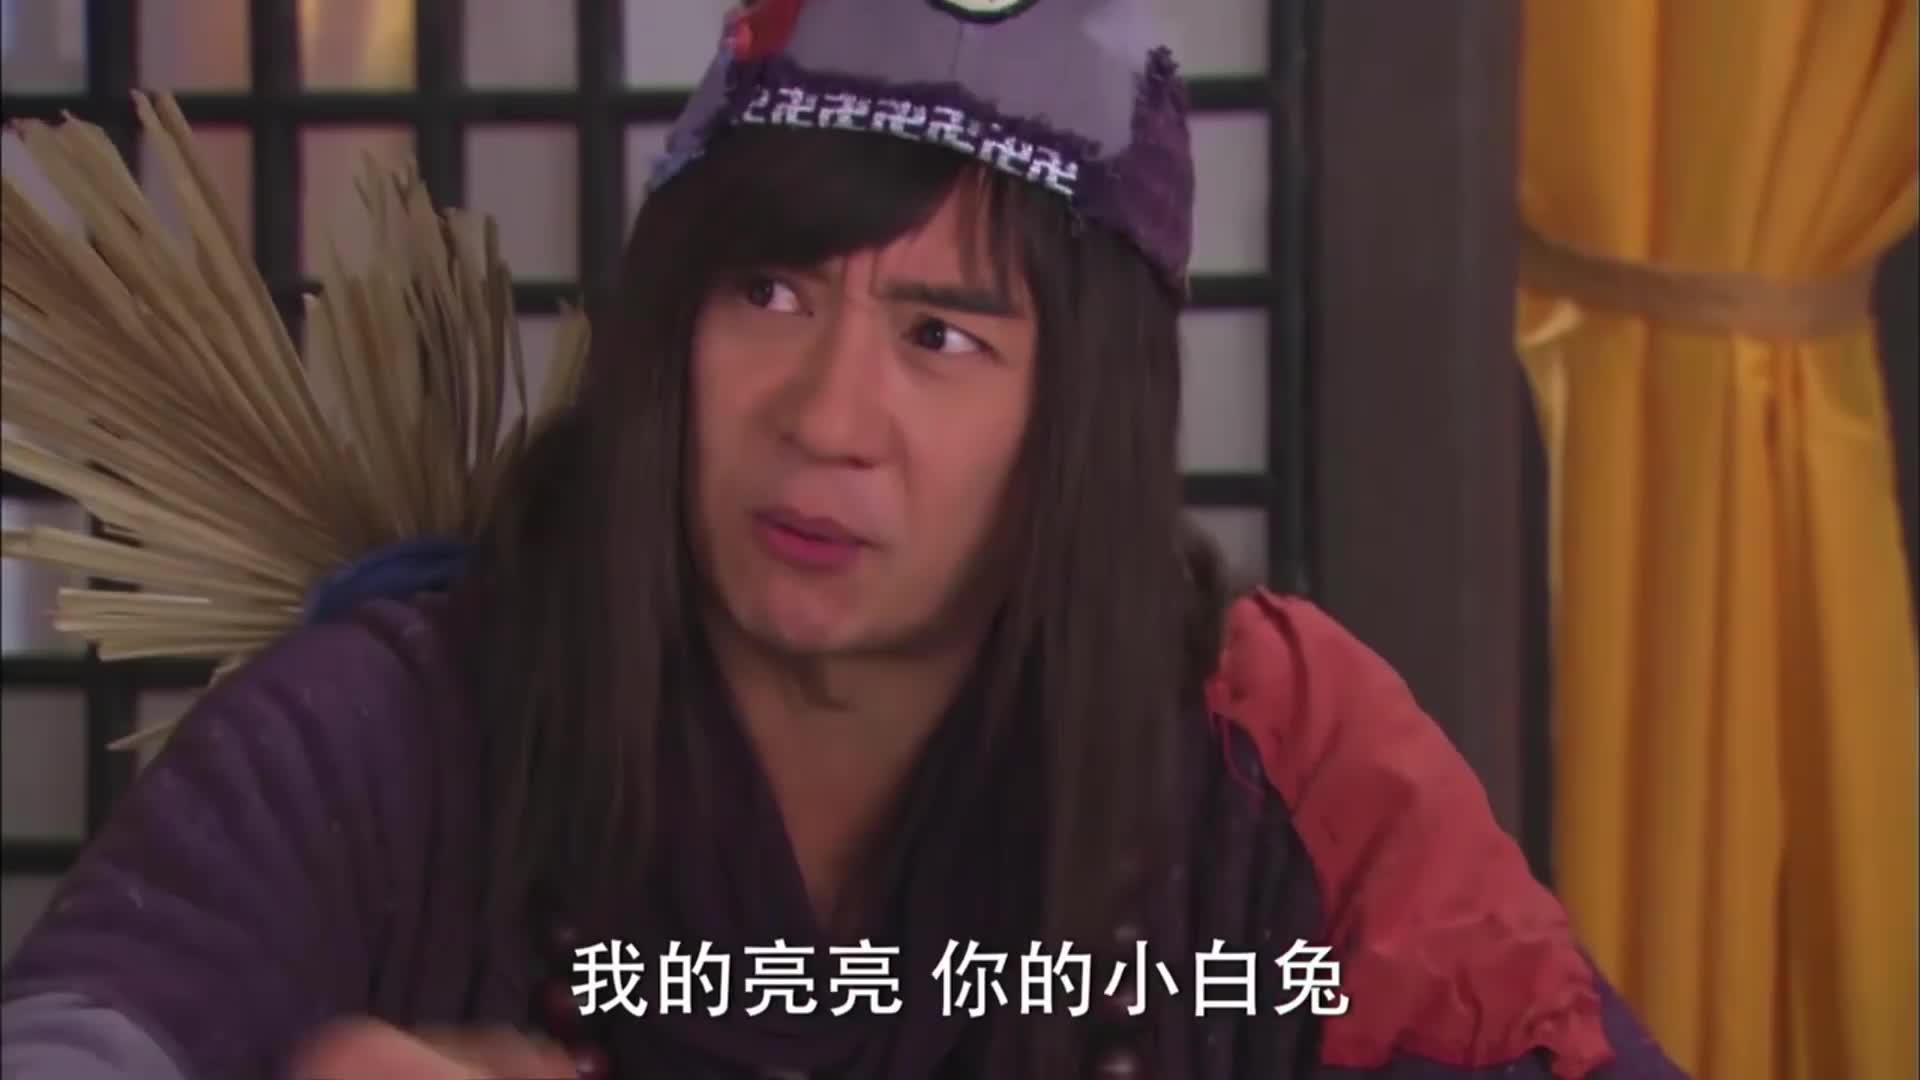 活佛济公:白雪被抓走了,广亮竟然让赵斌去街上再买一只回来